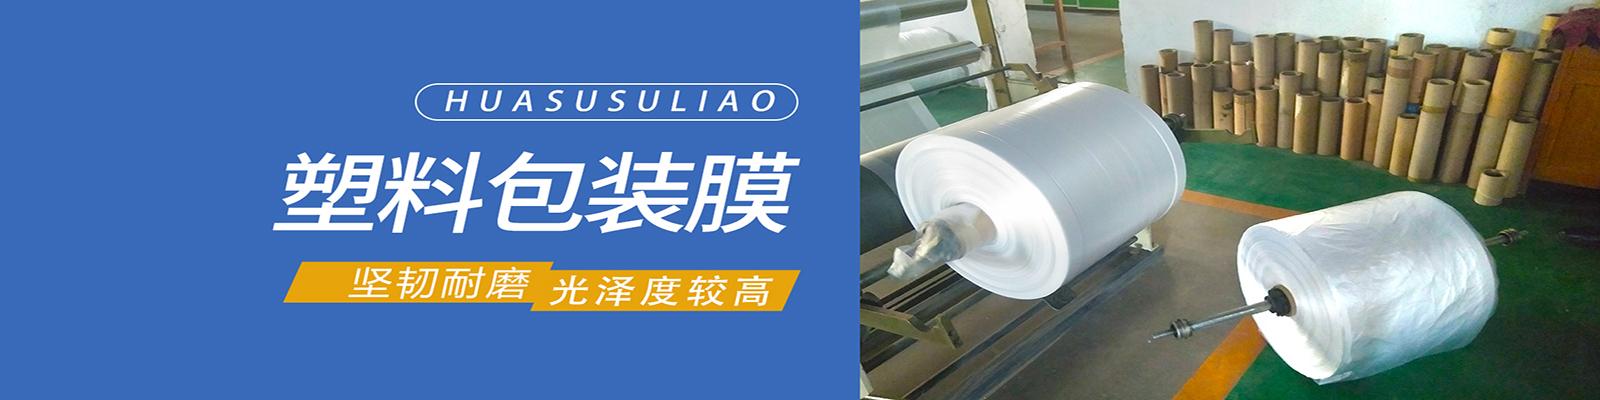 淄博华塑塑料制品有限公司